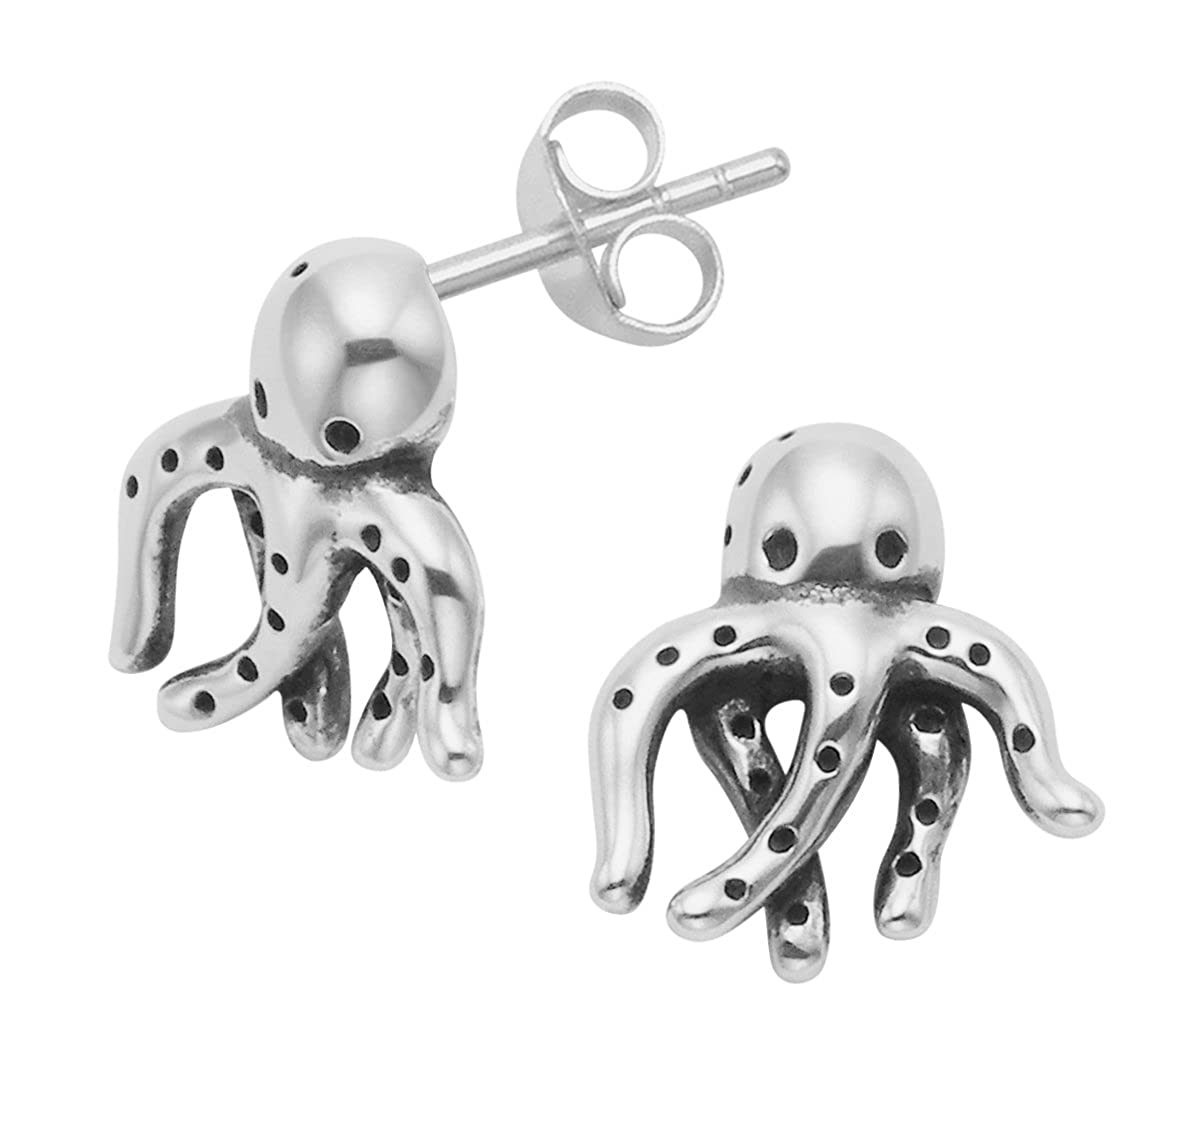 Octopus Stud Earring